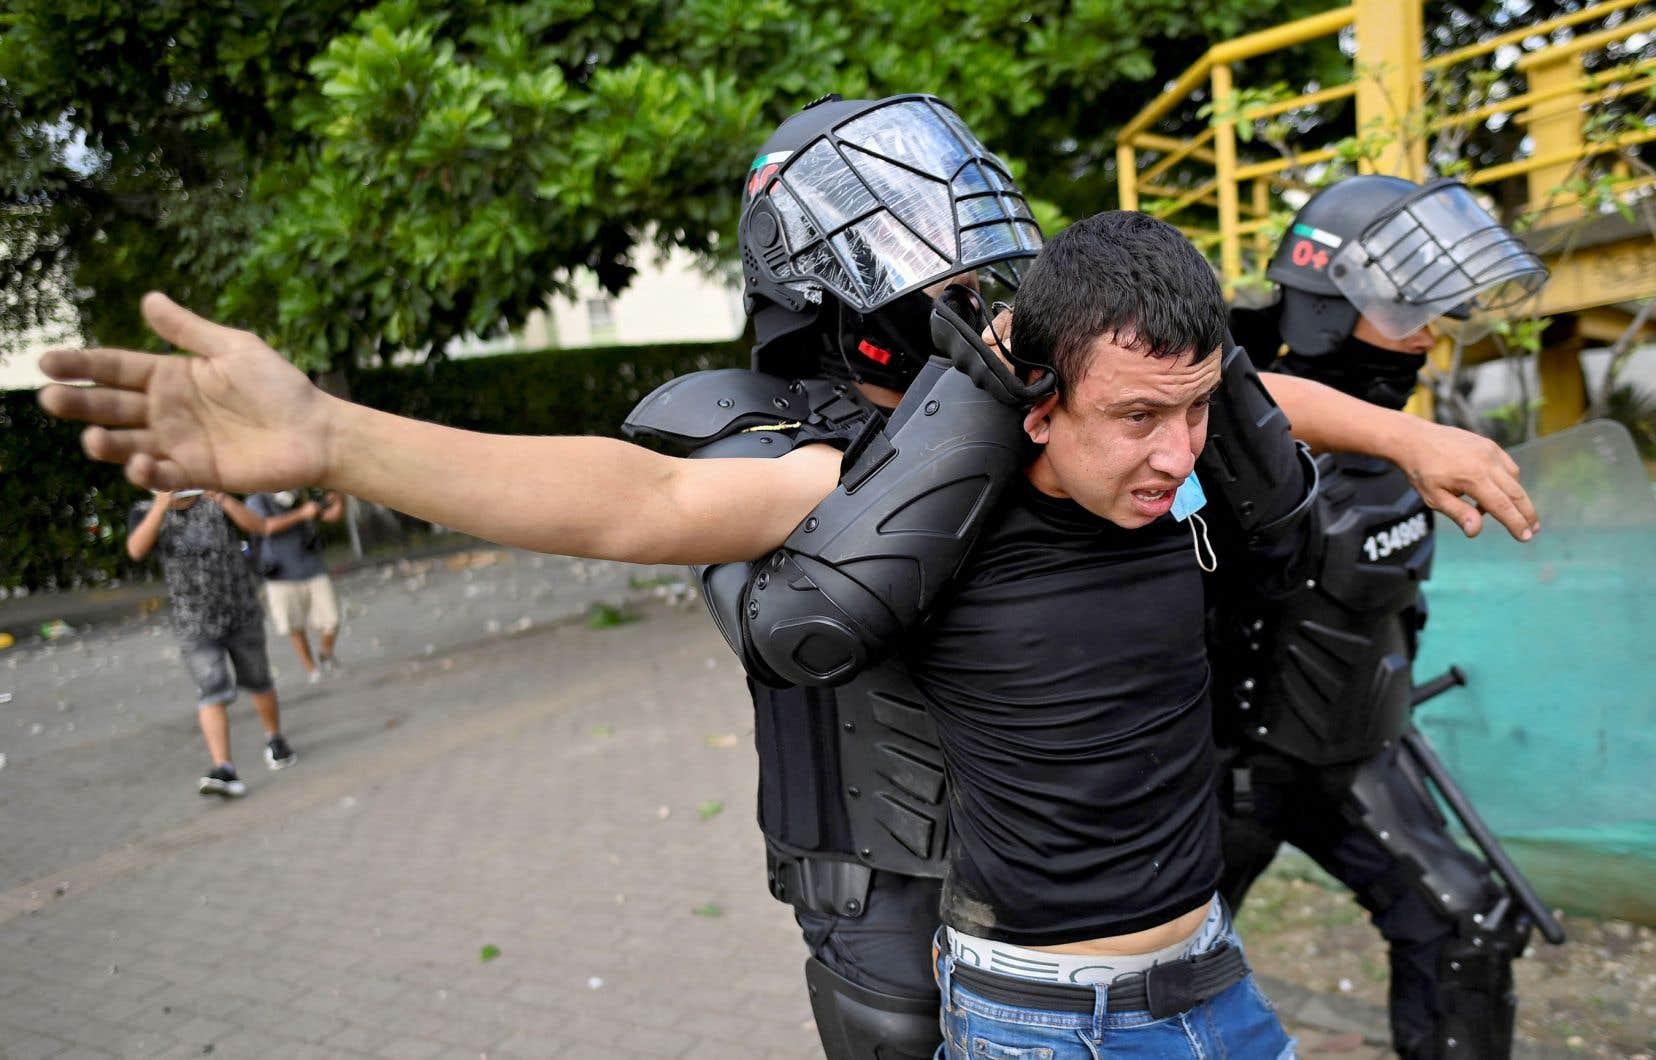 La police est mise en cause pour sa violente répression des manifestations sociales qui secouent le pays depuis fin avril et qui ont fait plus de 60 morts.